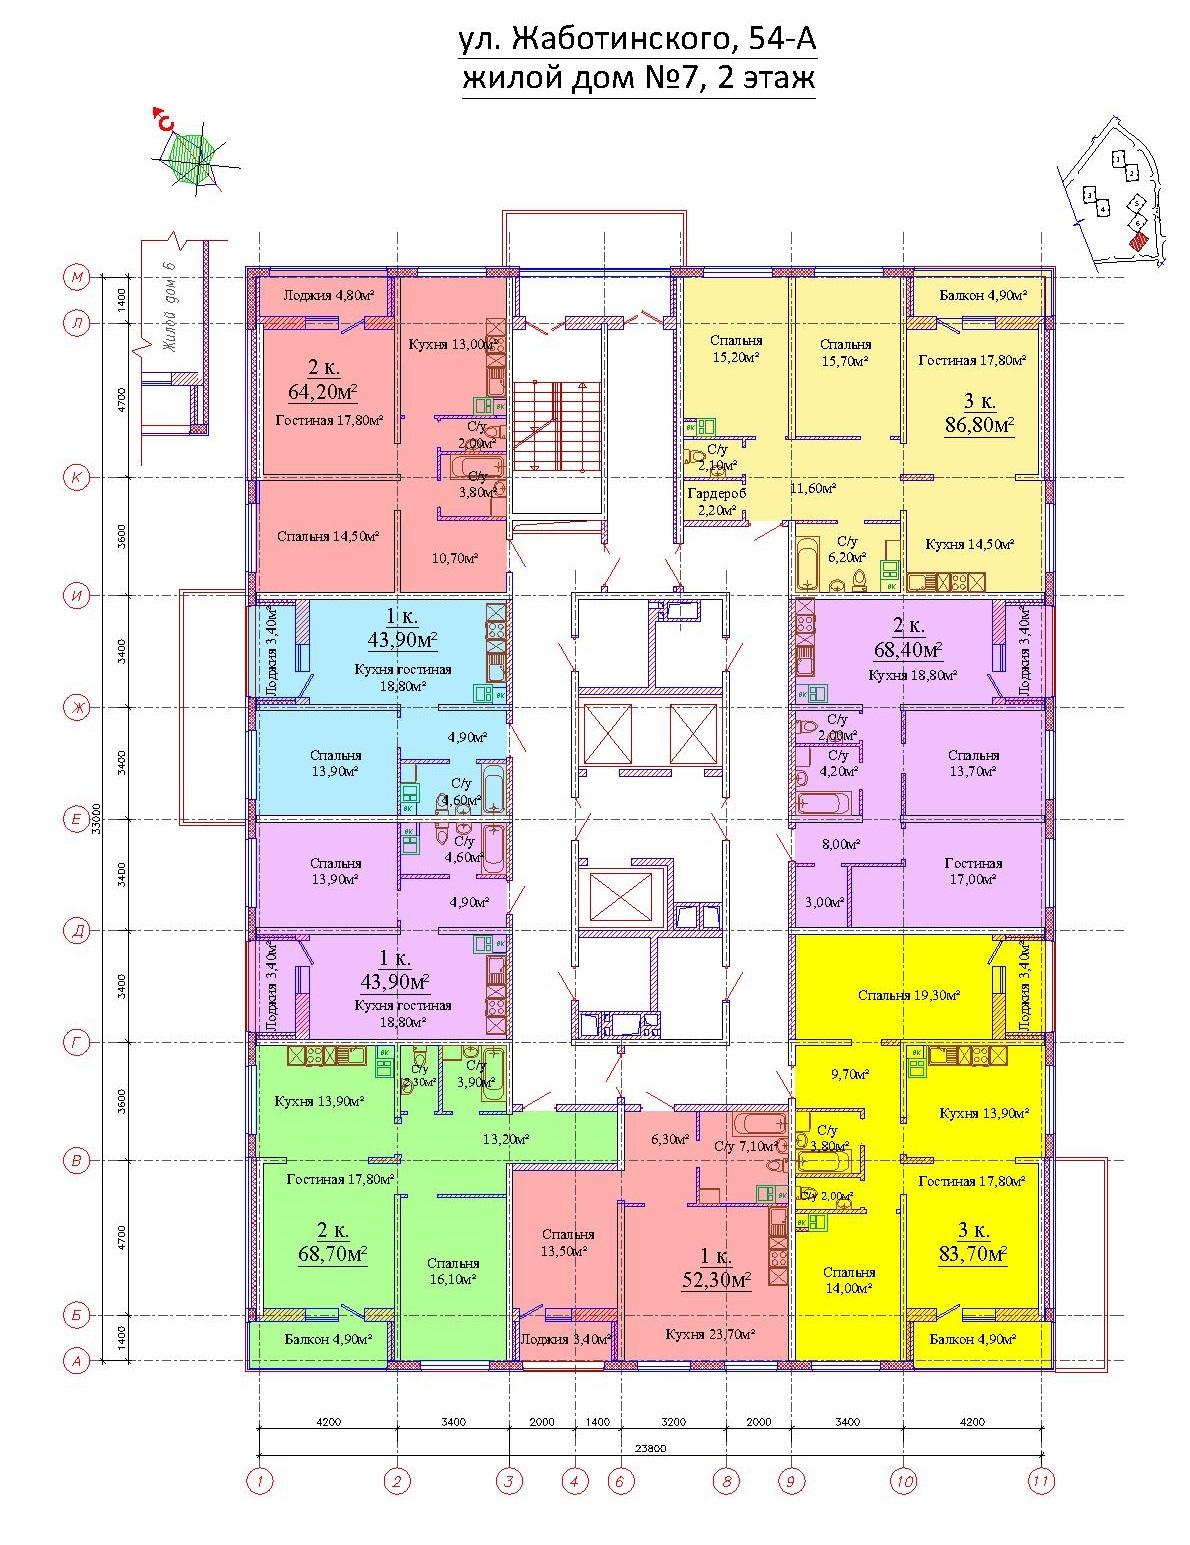 ЖК на Жаботинского Альтаир 3 Планировка 7 секция 2 этаж